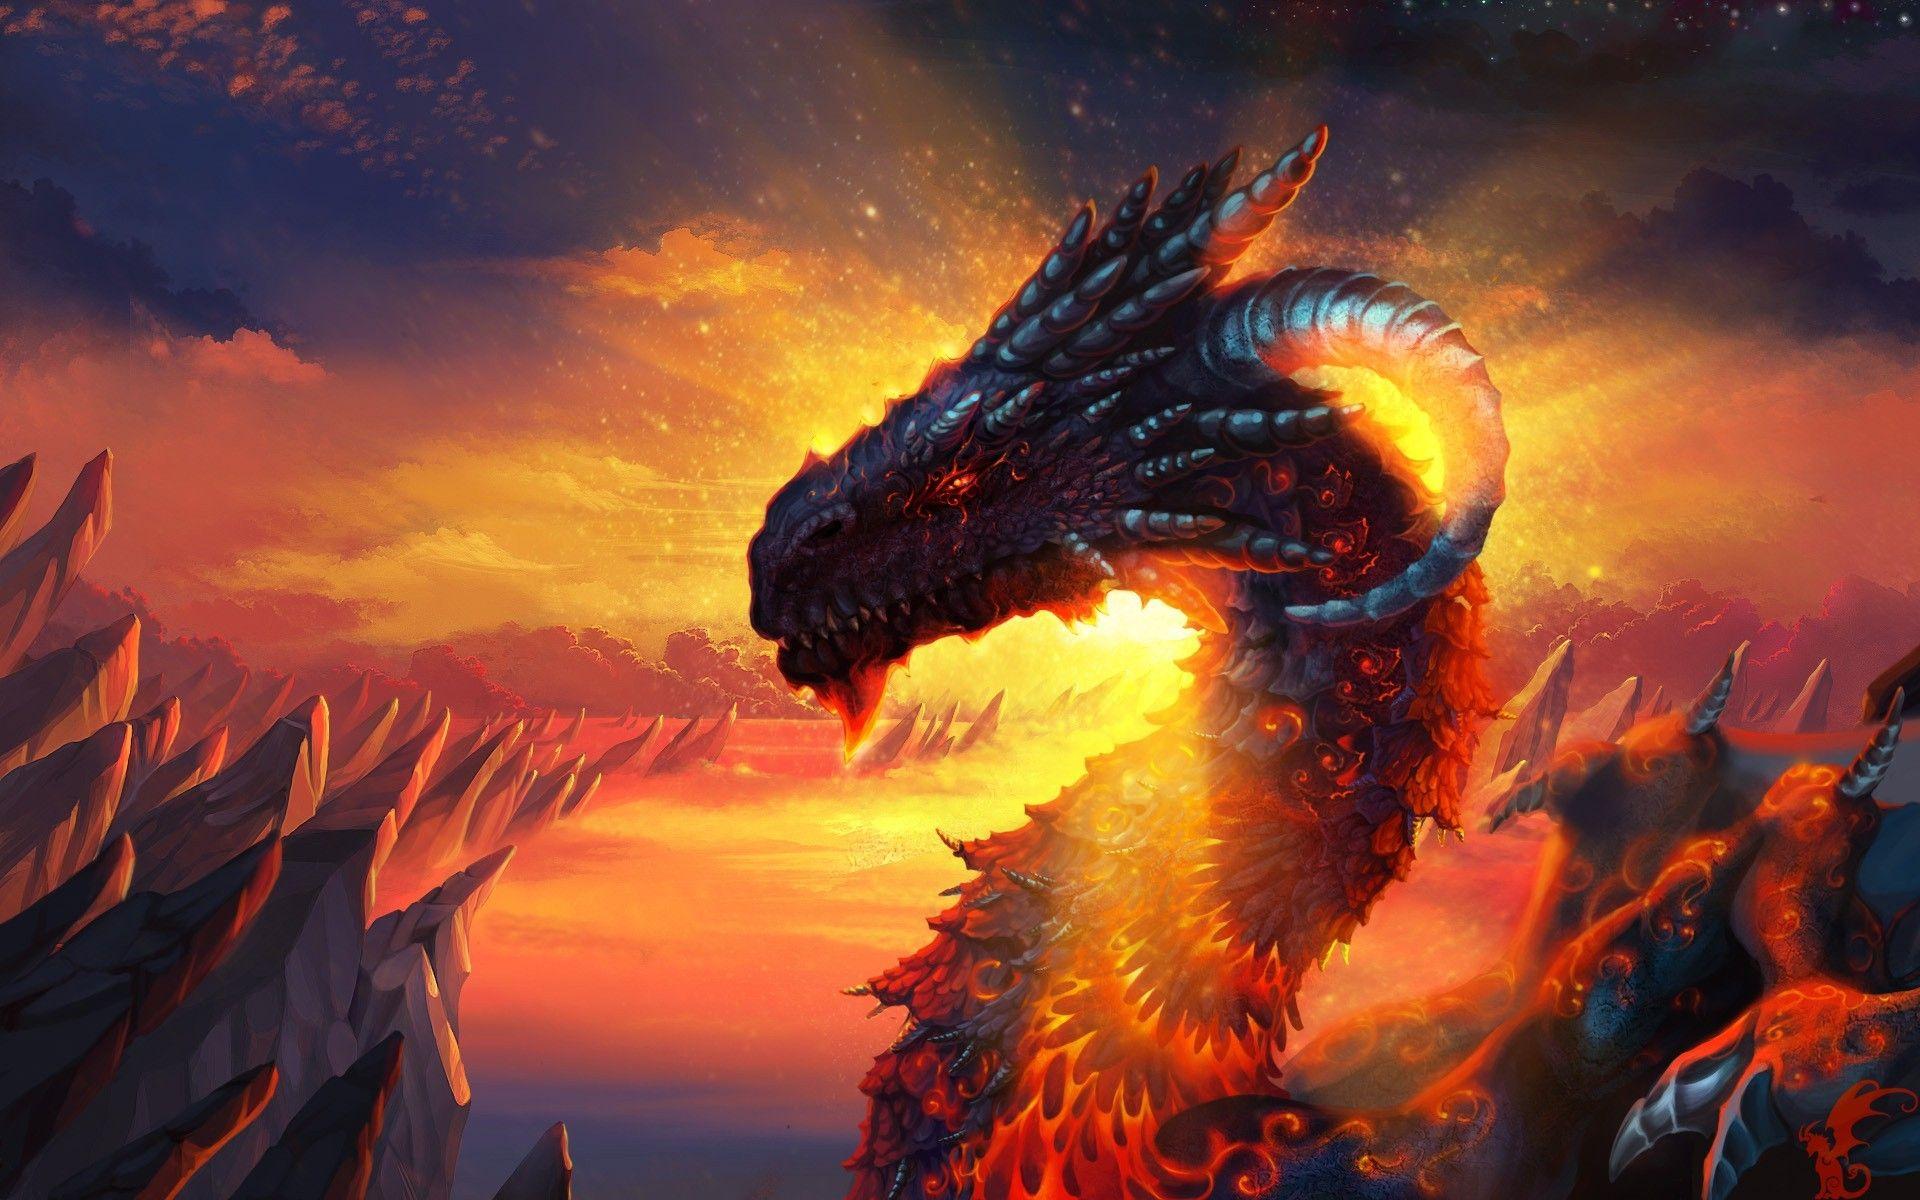 dragon wallpaper 3d